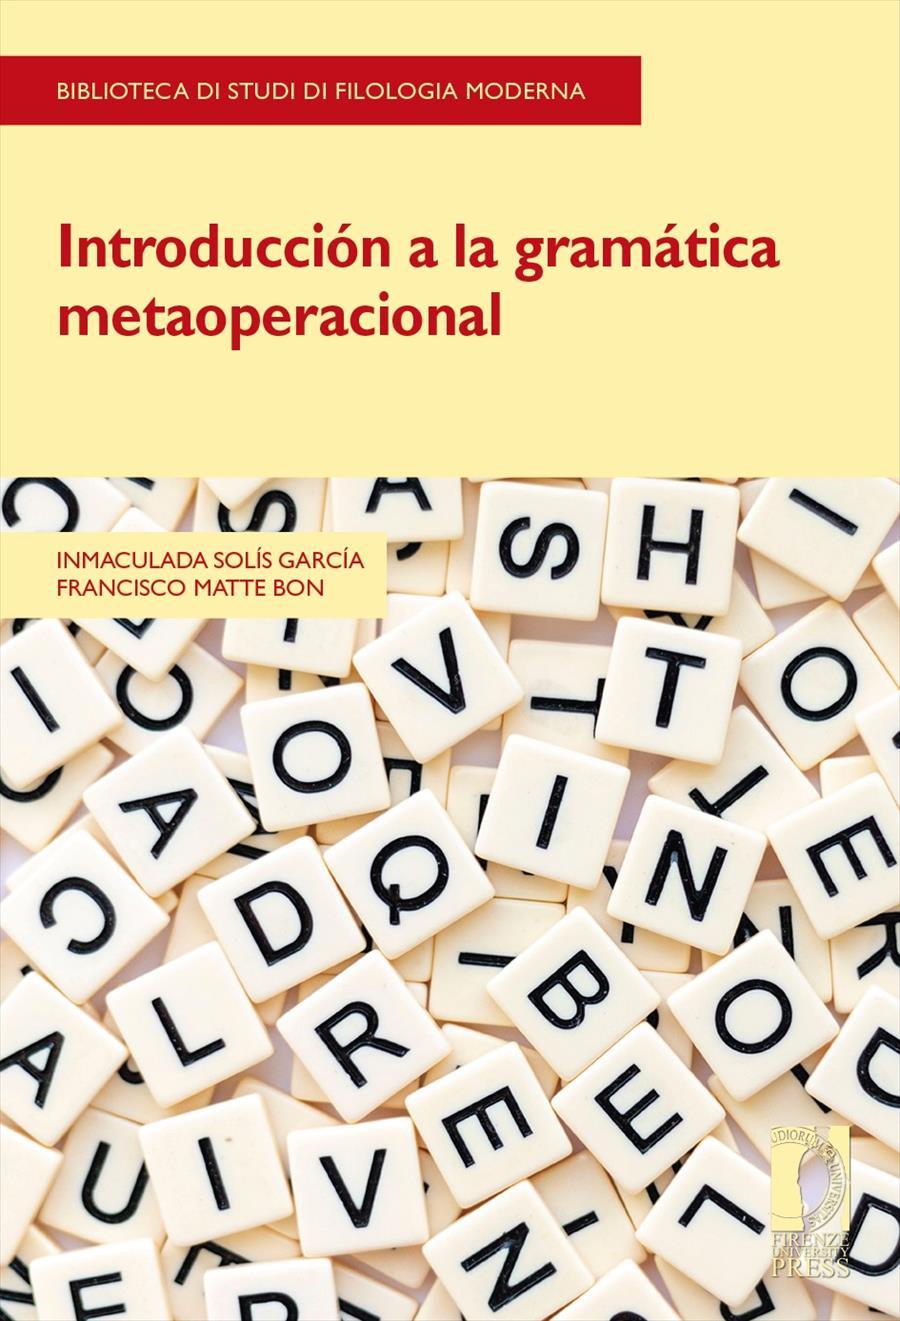 Introducción a la gramática metaoperacional